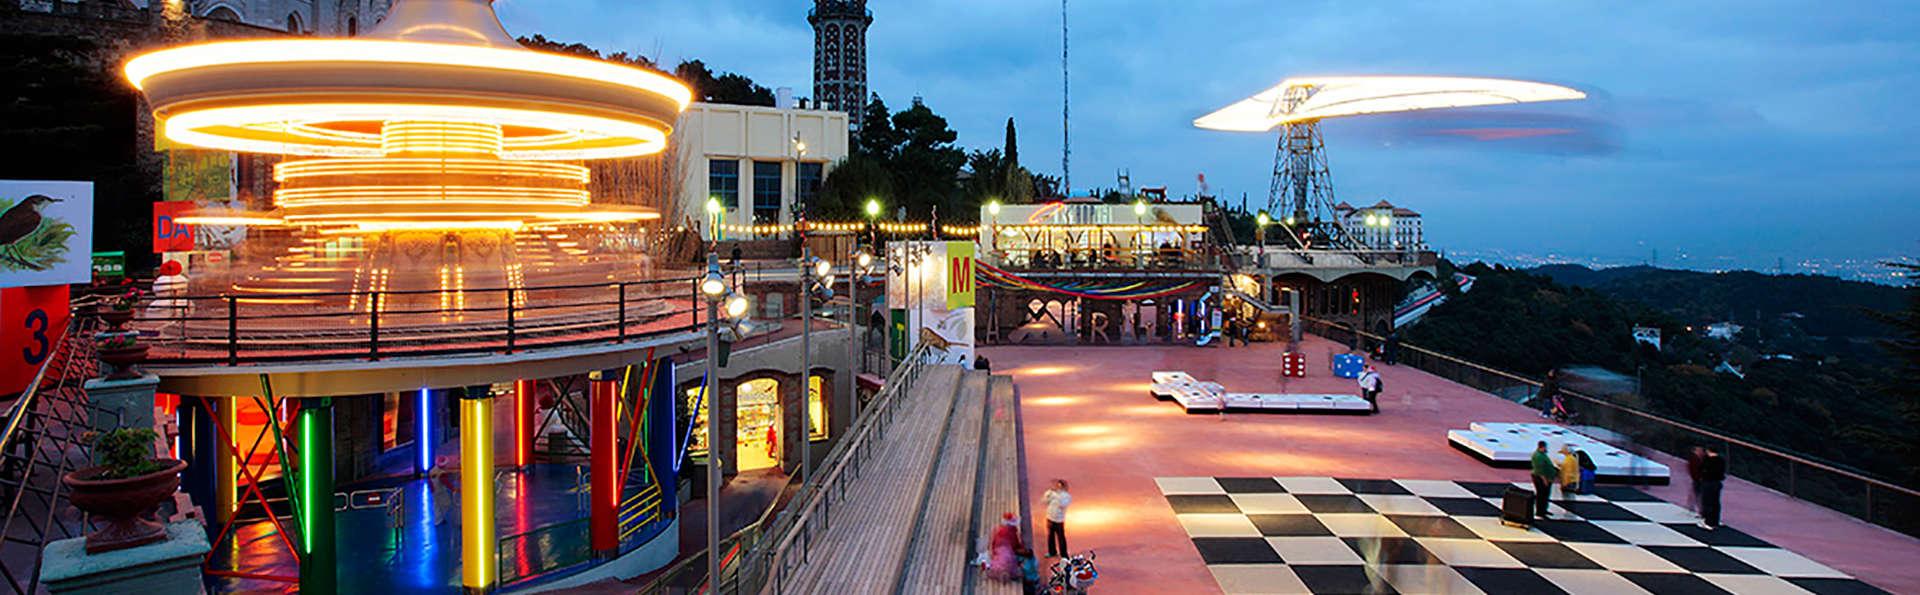 Escapada en Barcelona con entradas al parque de atracciones Tibidabo